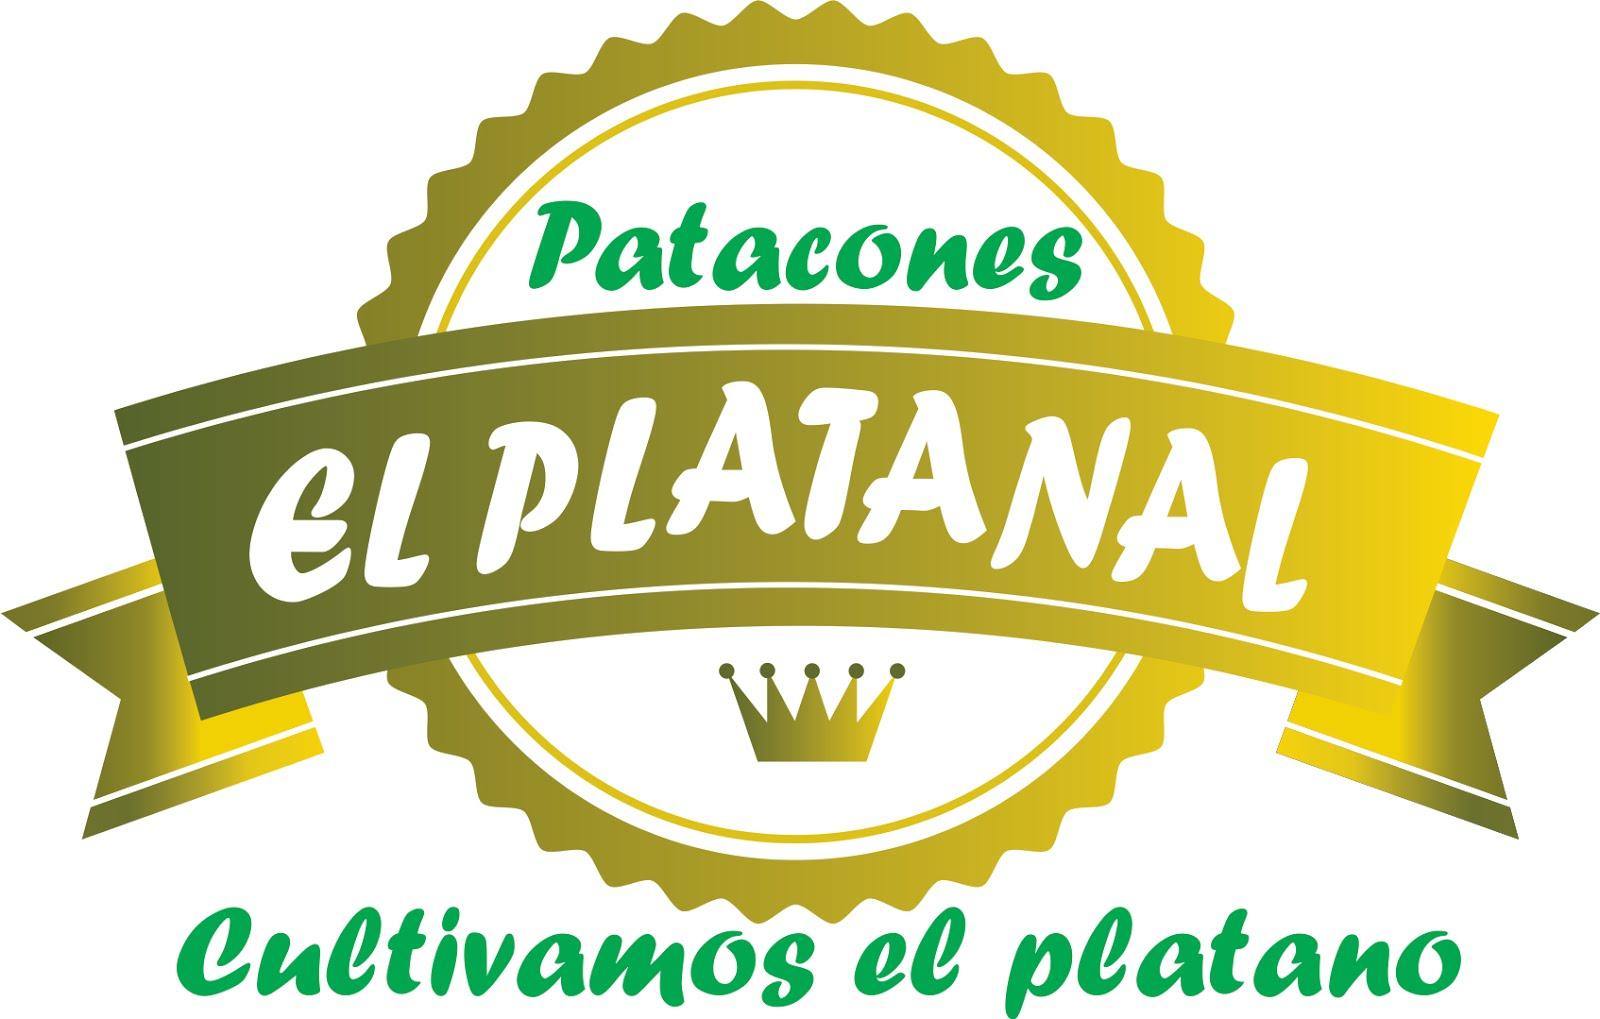 Patacones El Platanal